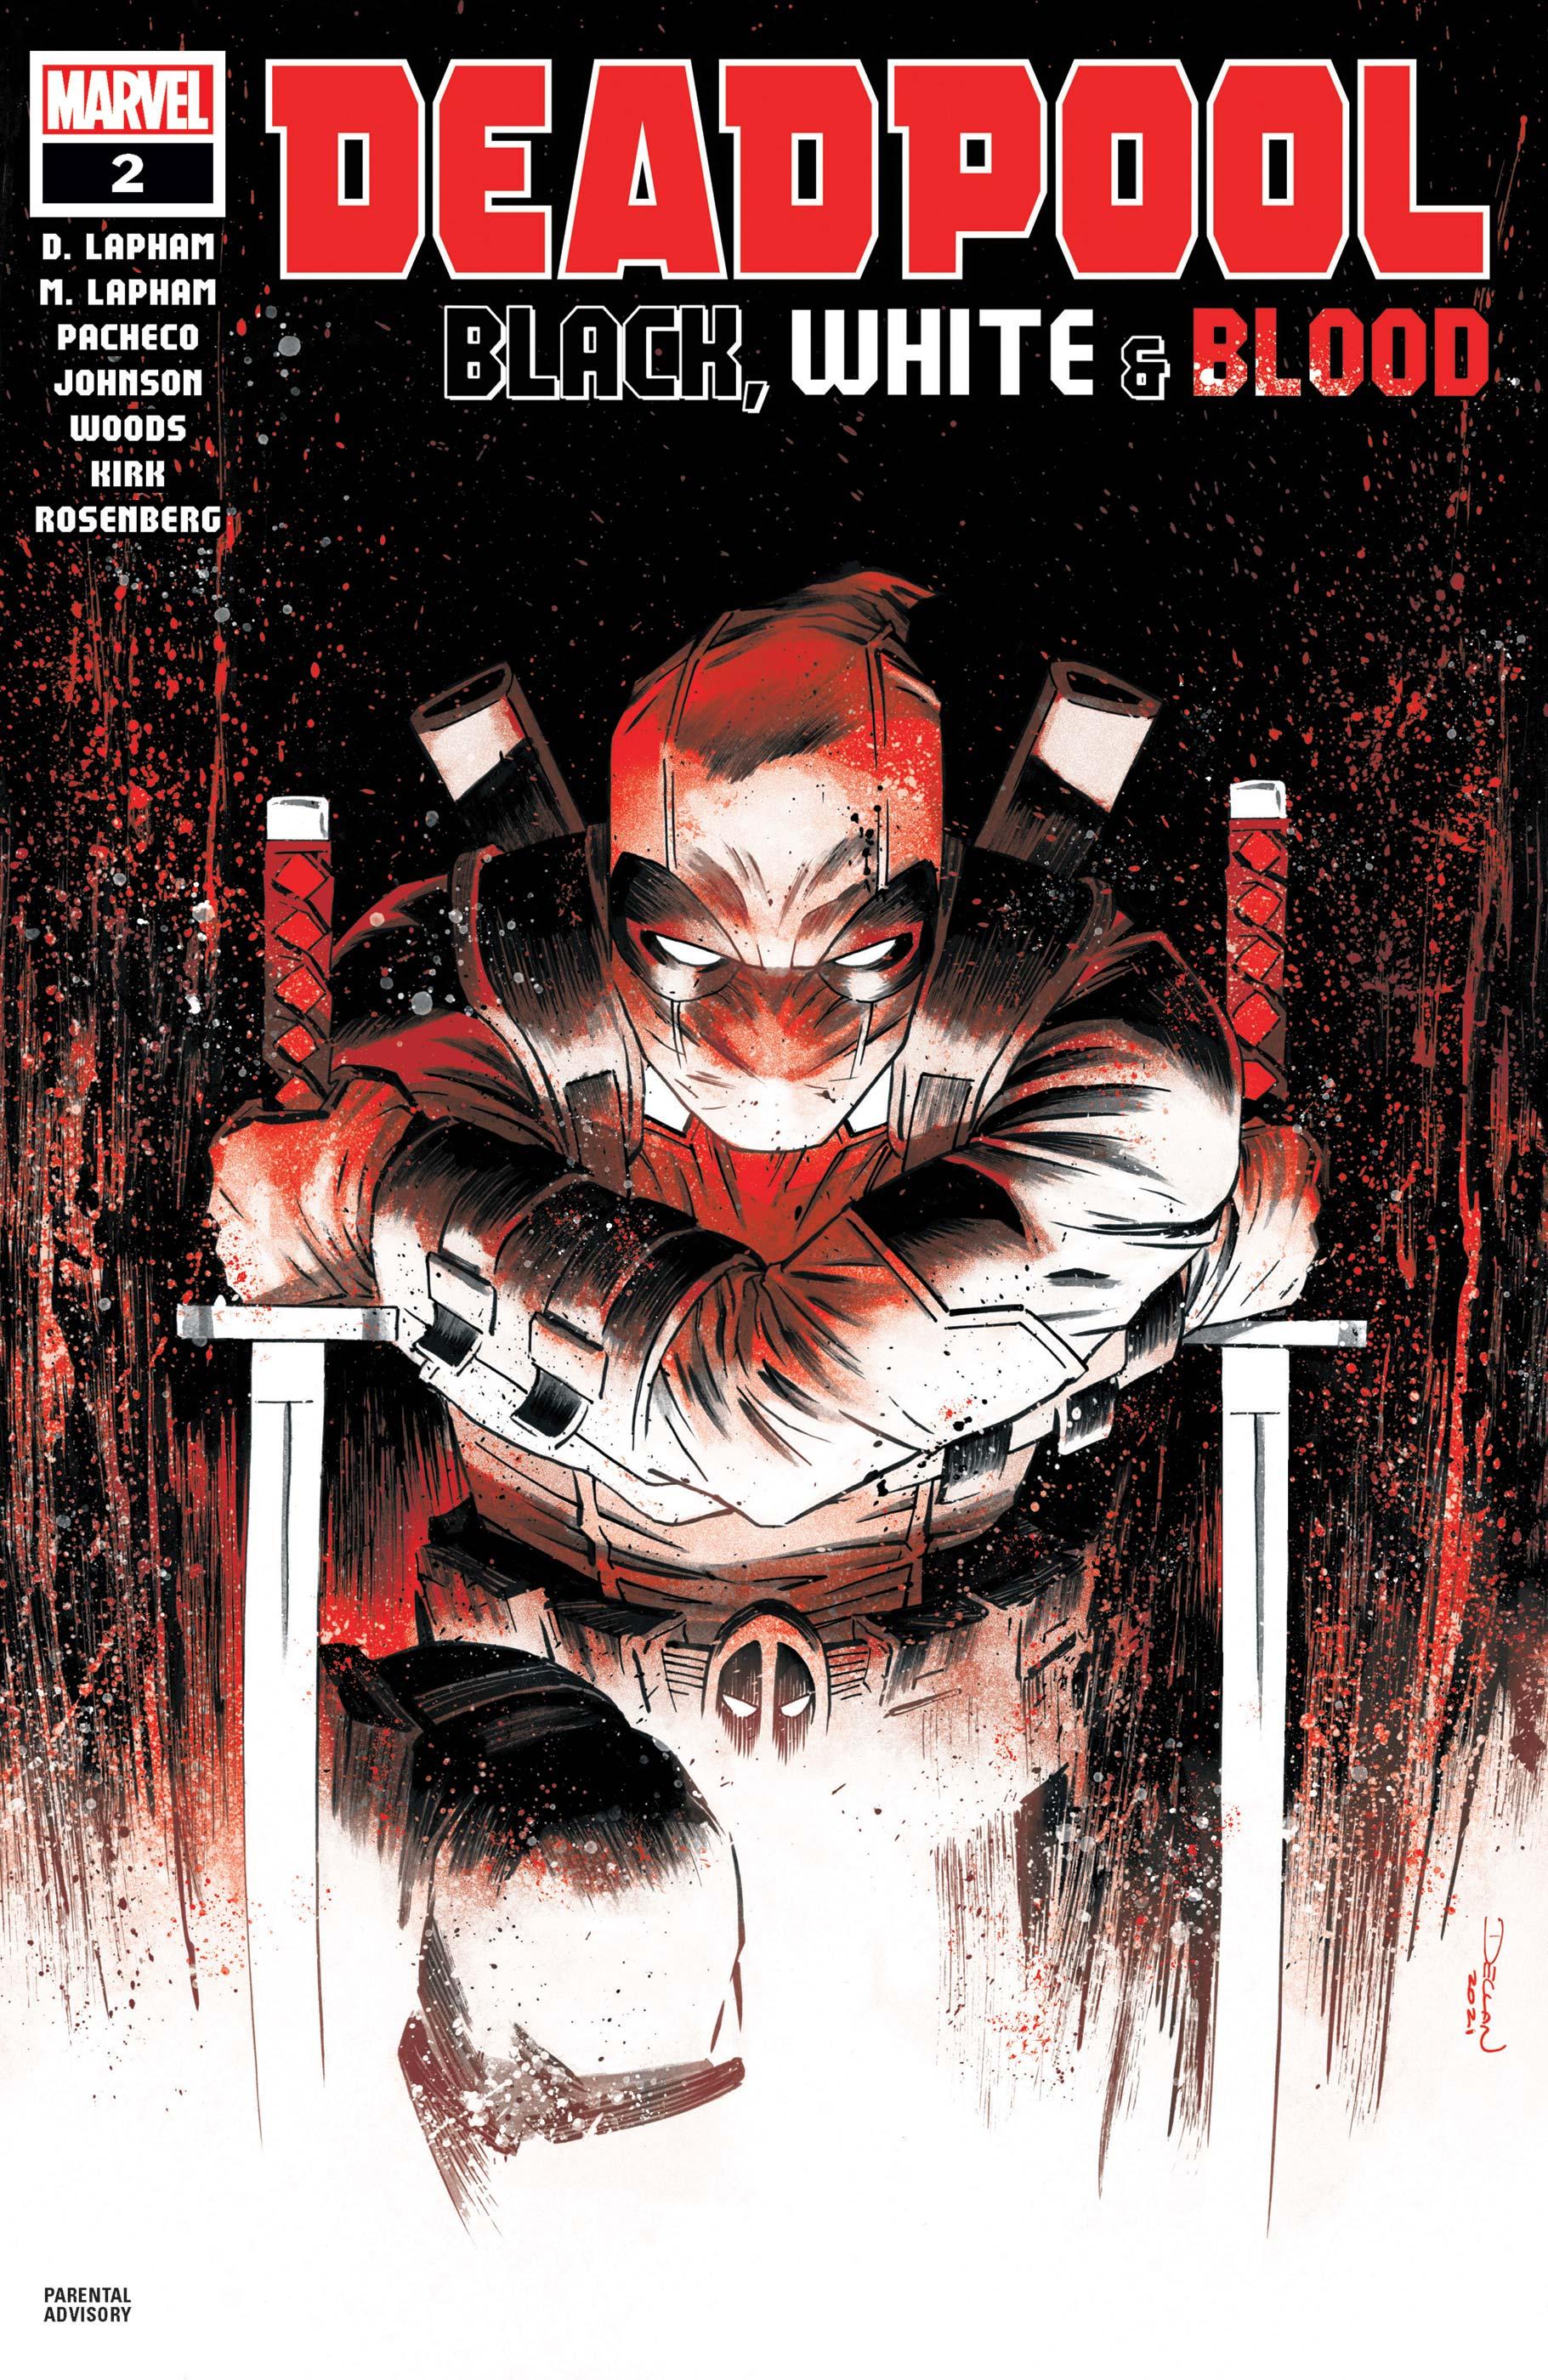 Deadpool: Black, White & Blood (2021) #2